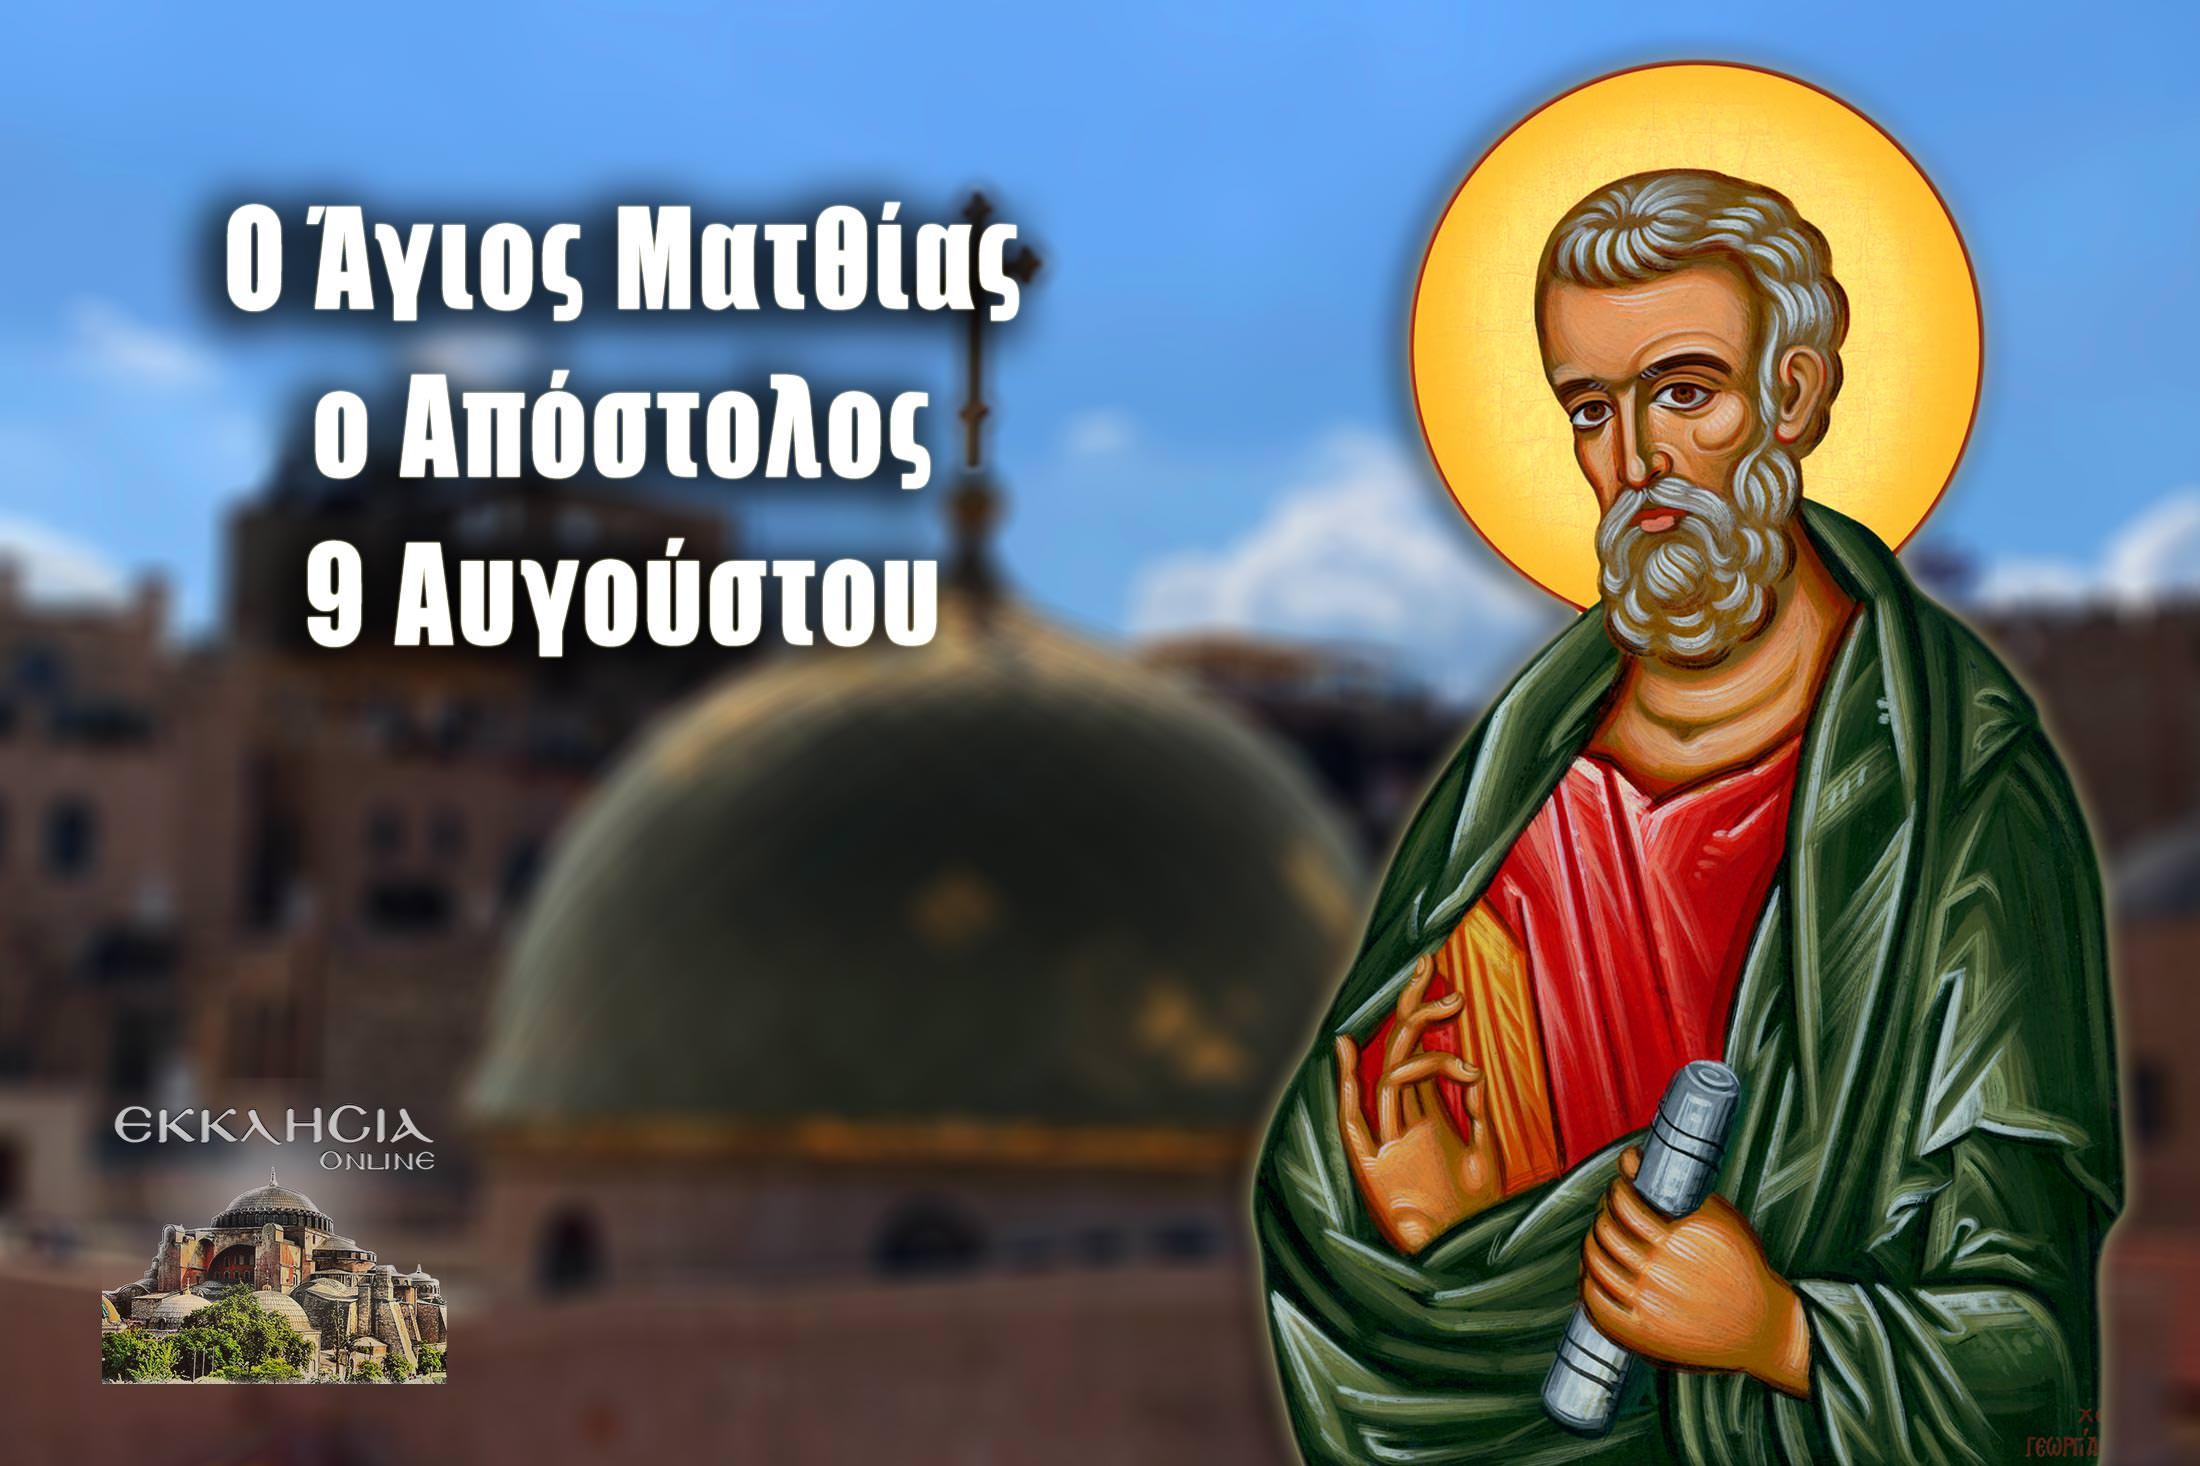 Άγιος Ματθίας ο Απόστολος 9 Αυγούστου